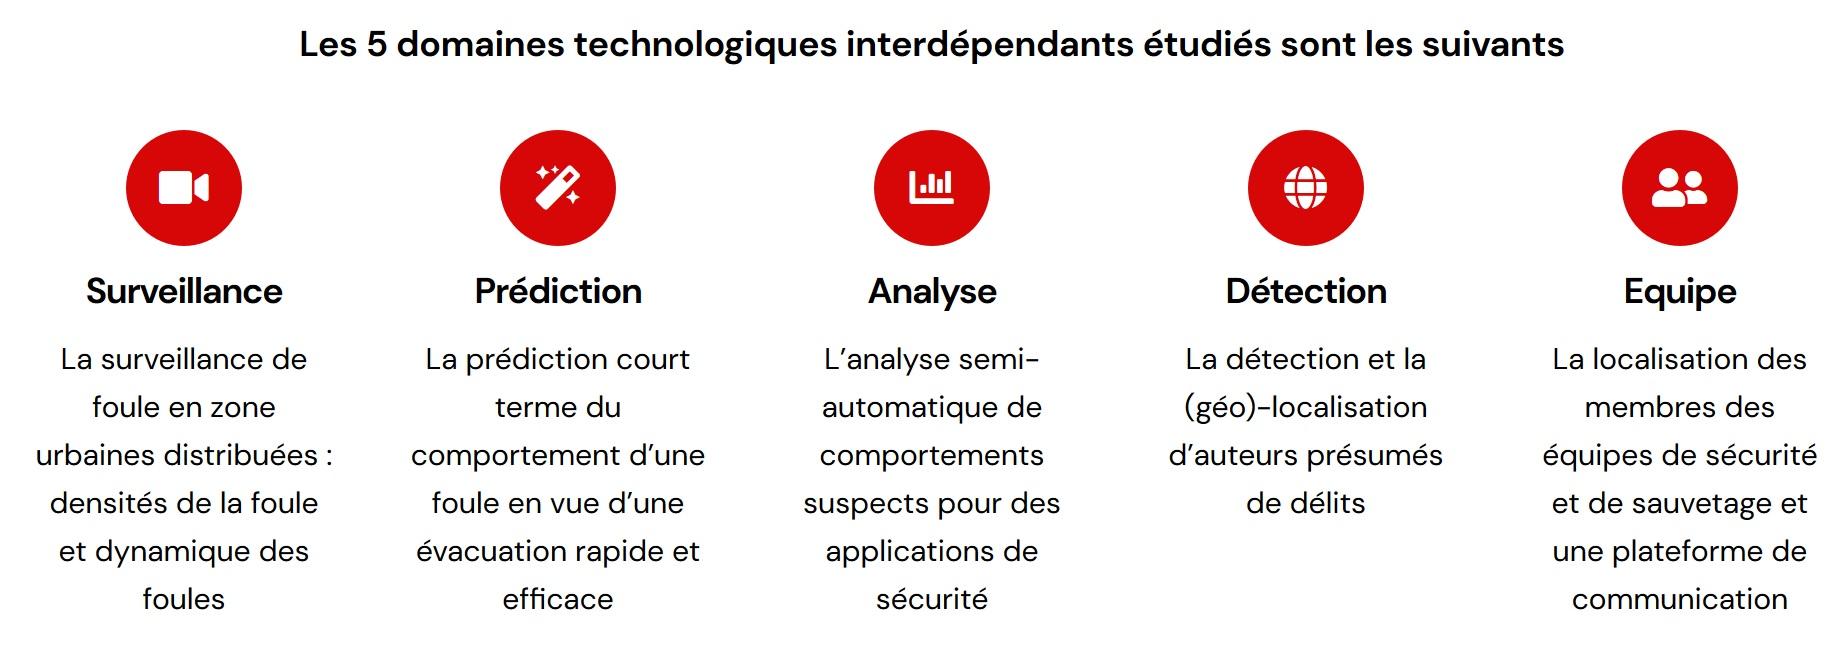 Domaines technologiques du projet S2ucre